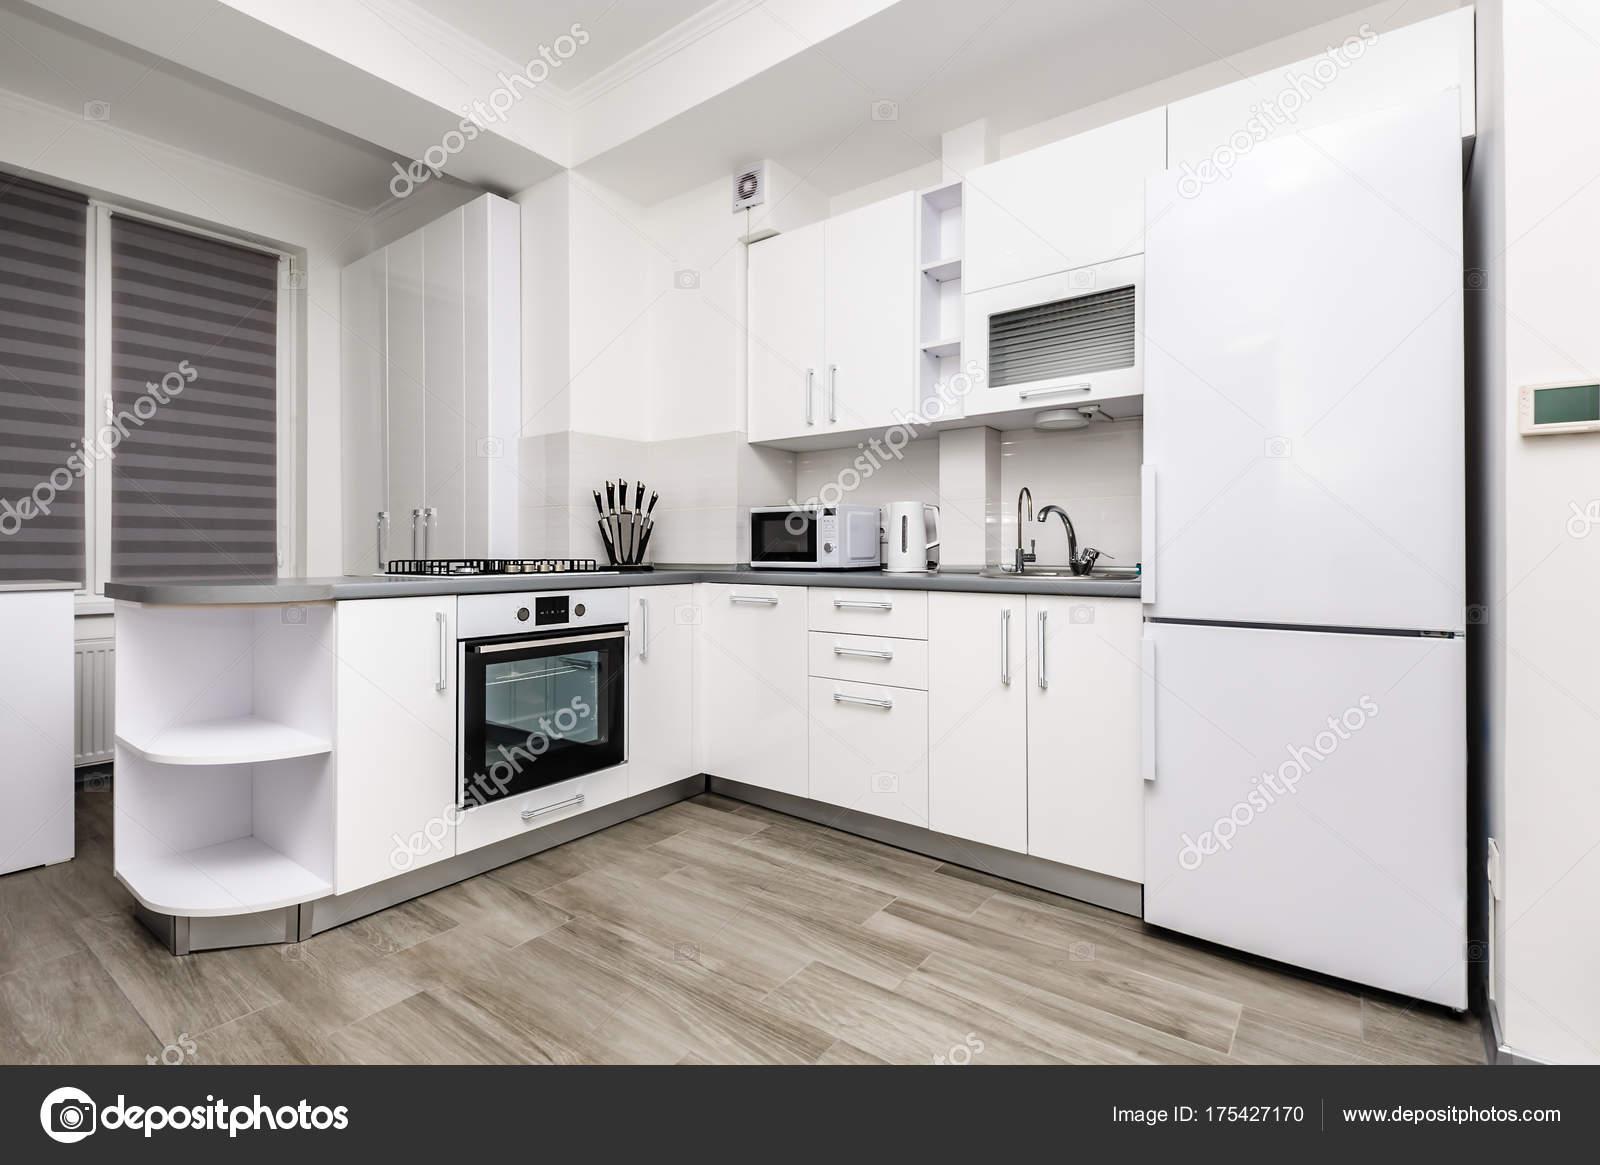 Cocina Moderna Blanca Fotos De Stock C Starush 175427170 - Cocina-blanca-moderna